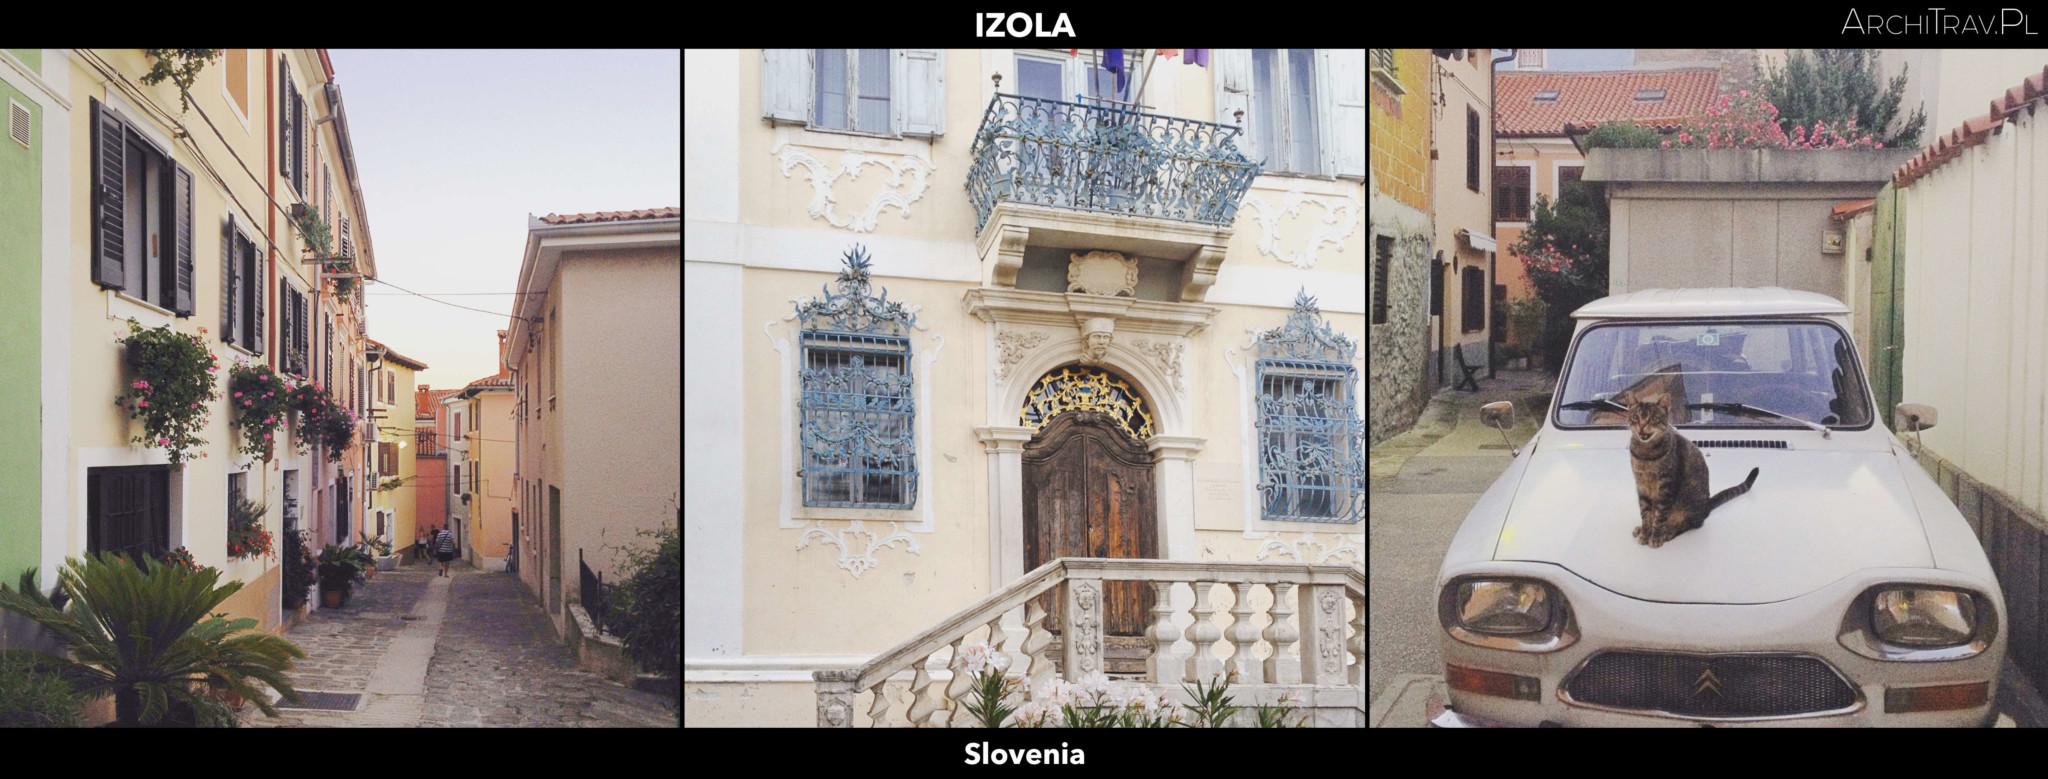 Slowenia Izola